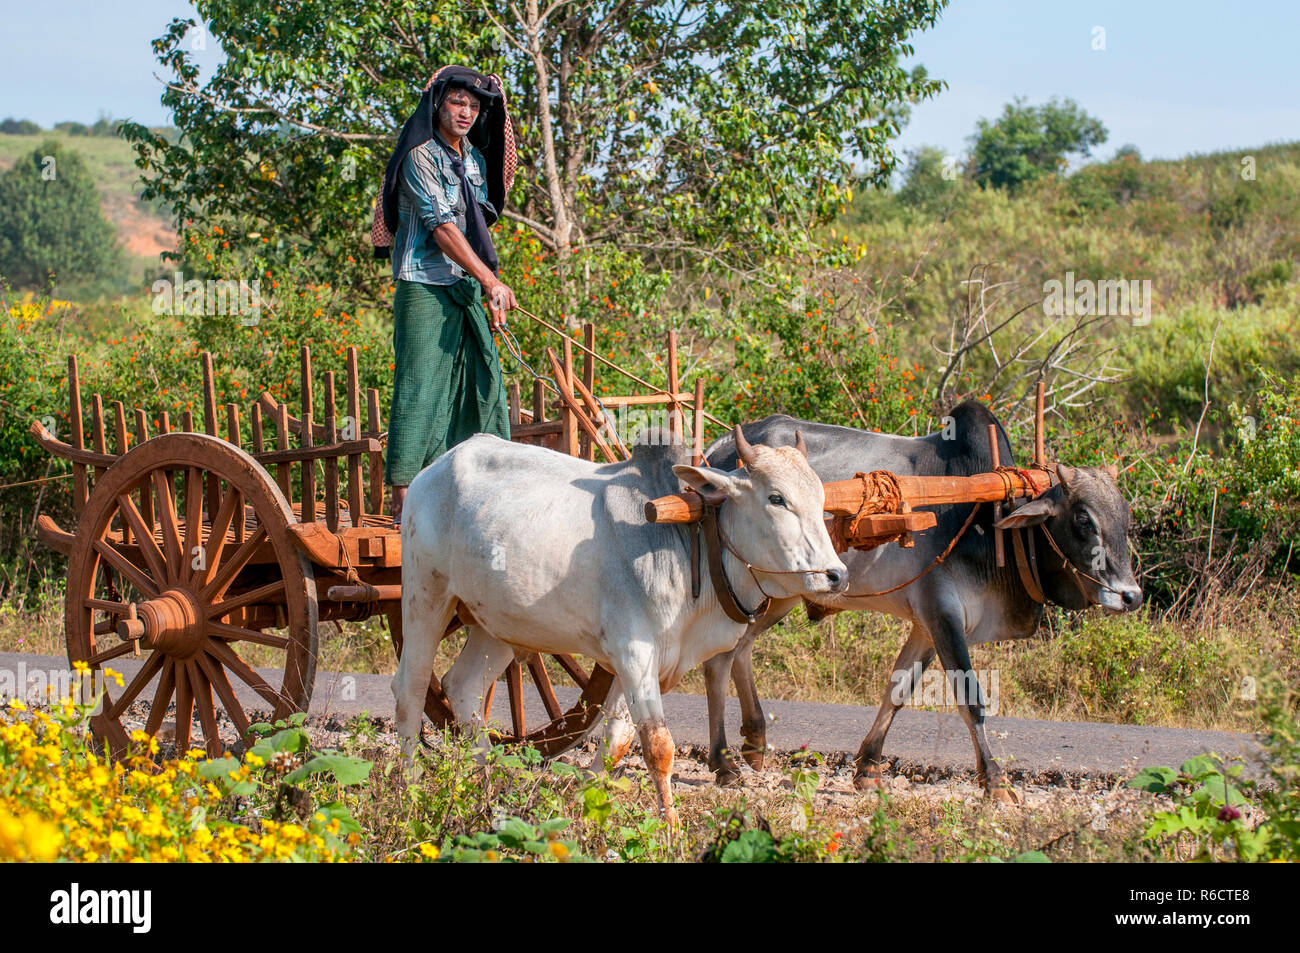 El hombre rural birmana conduce carro de madera con heno en carretera polvorienta dibujado por dos búfalos blanco paisaje rural y tradicional aldea la vida en Birmania Countr Foto de stock